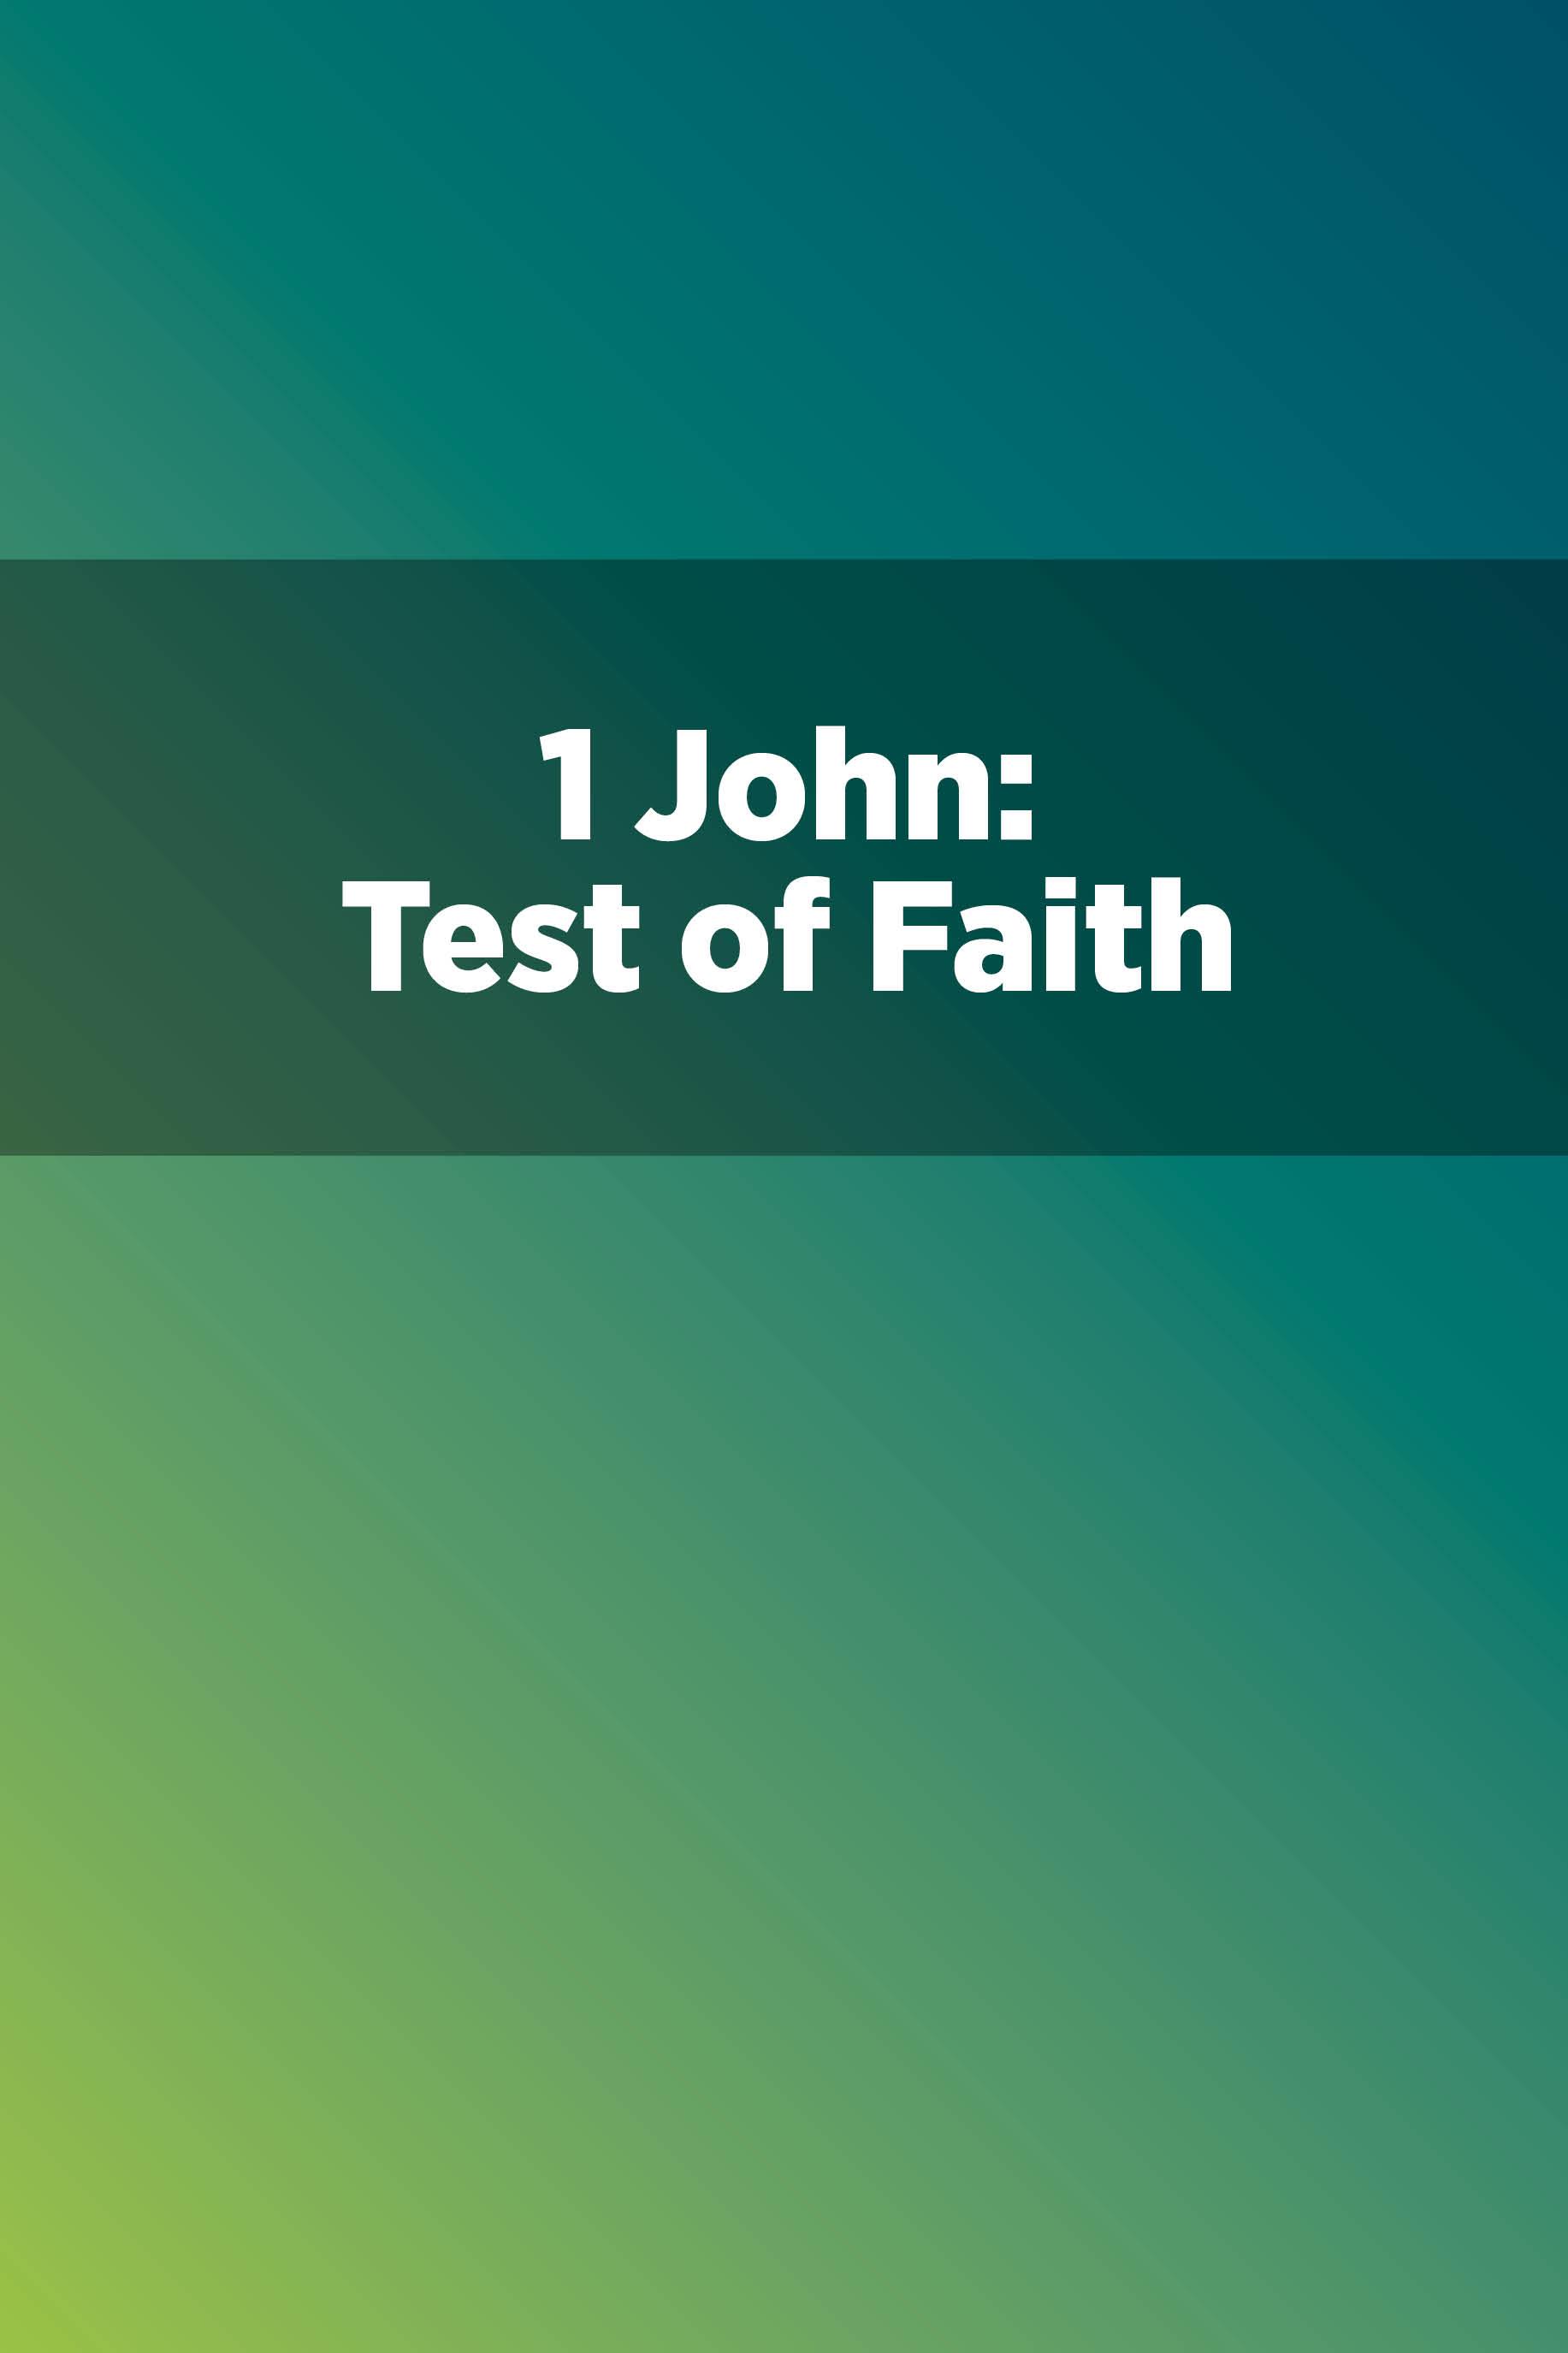 1 John: Test of Faith